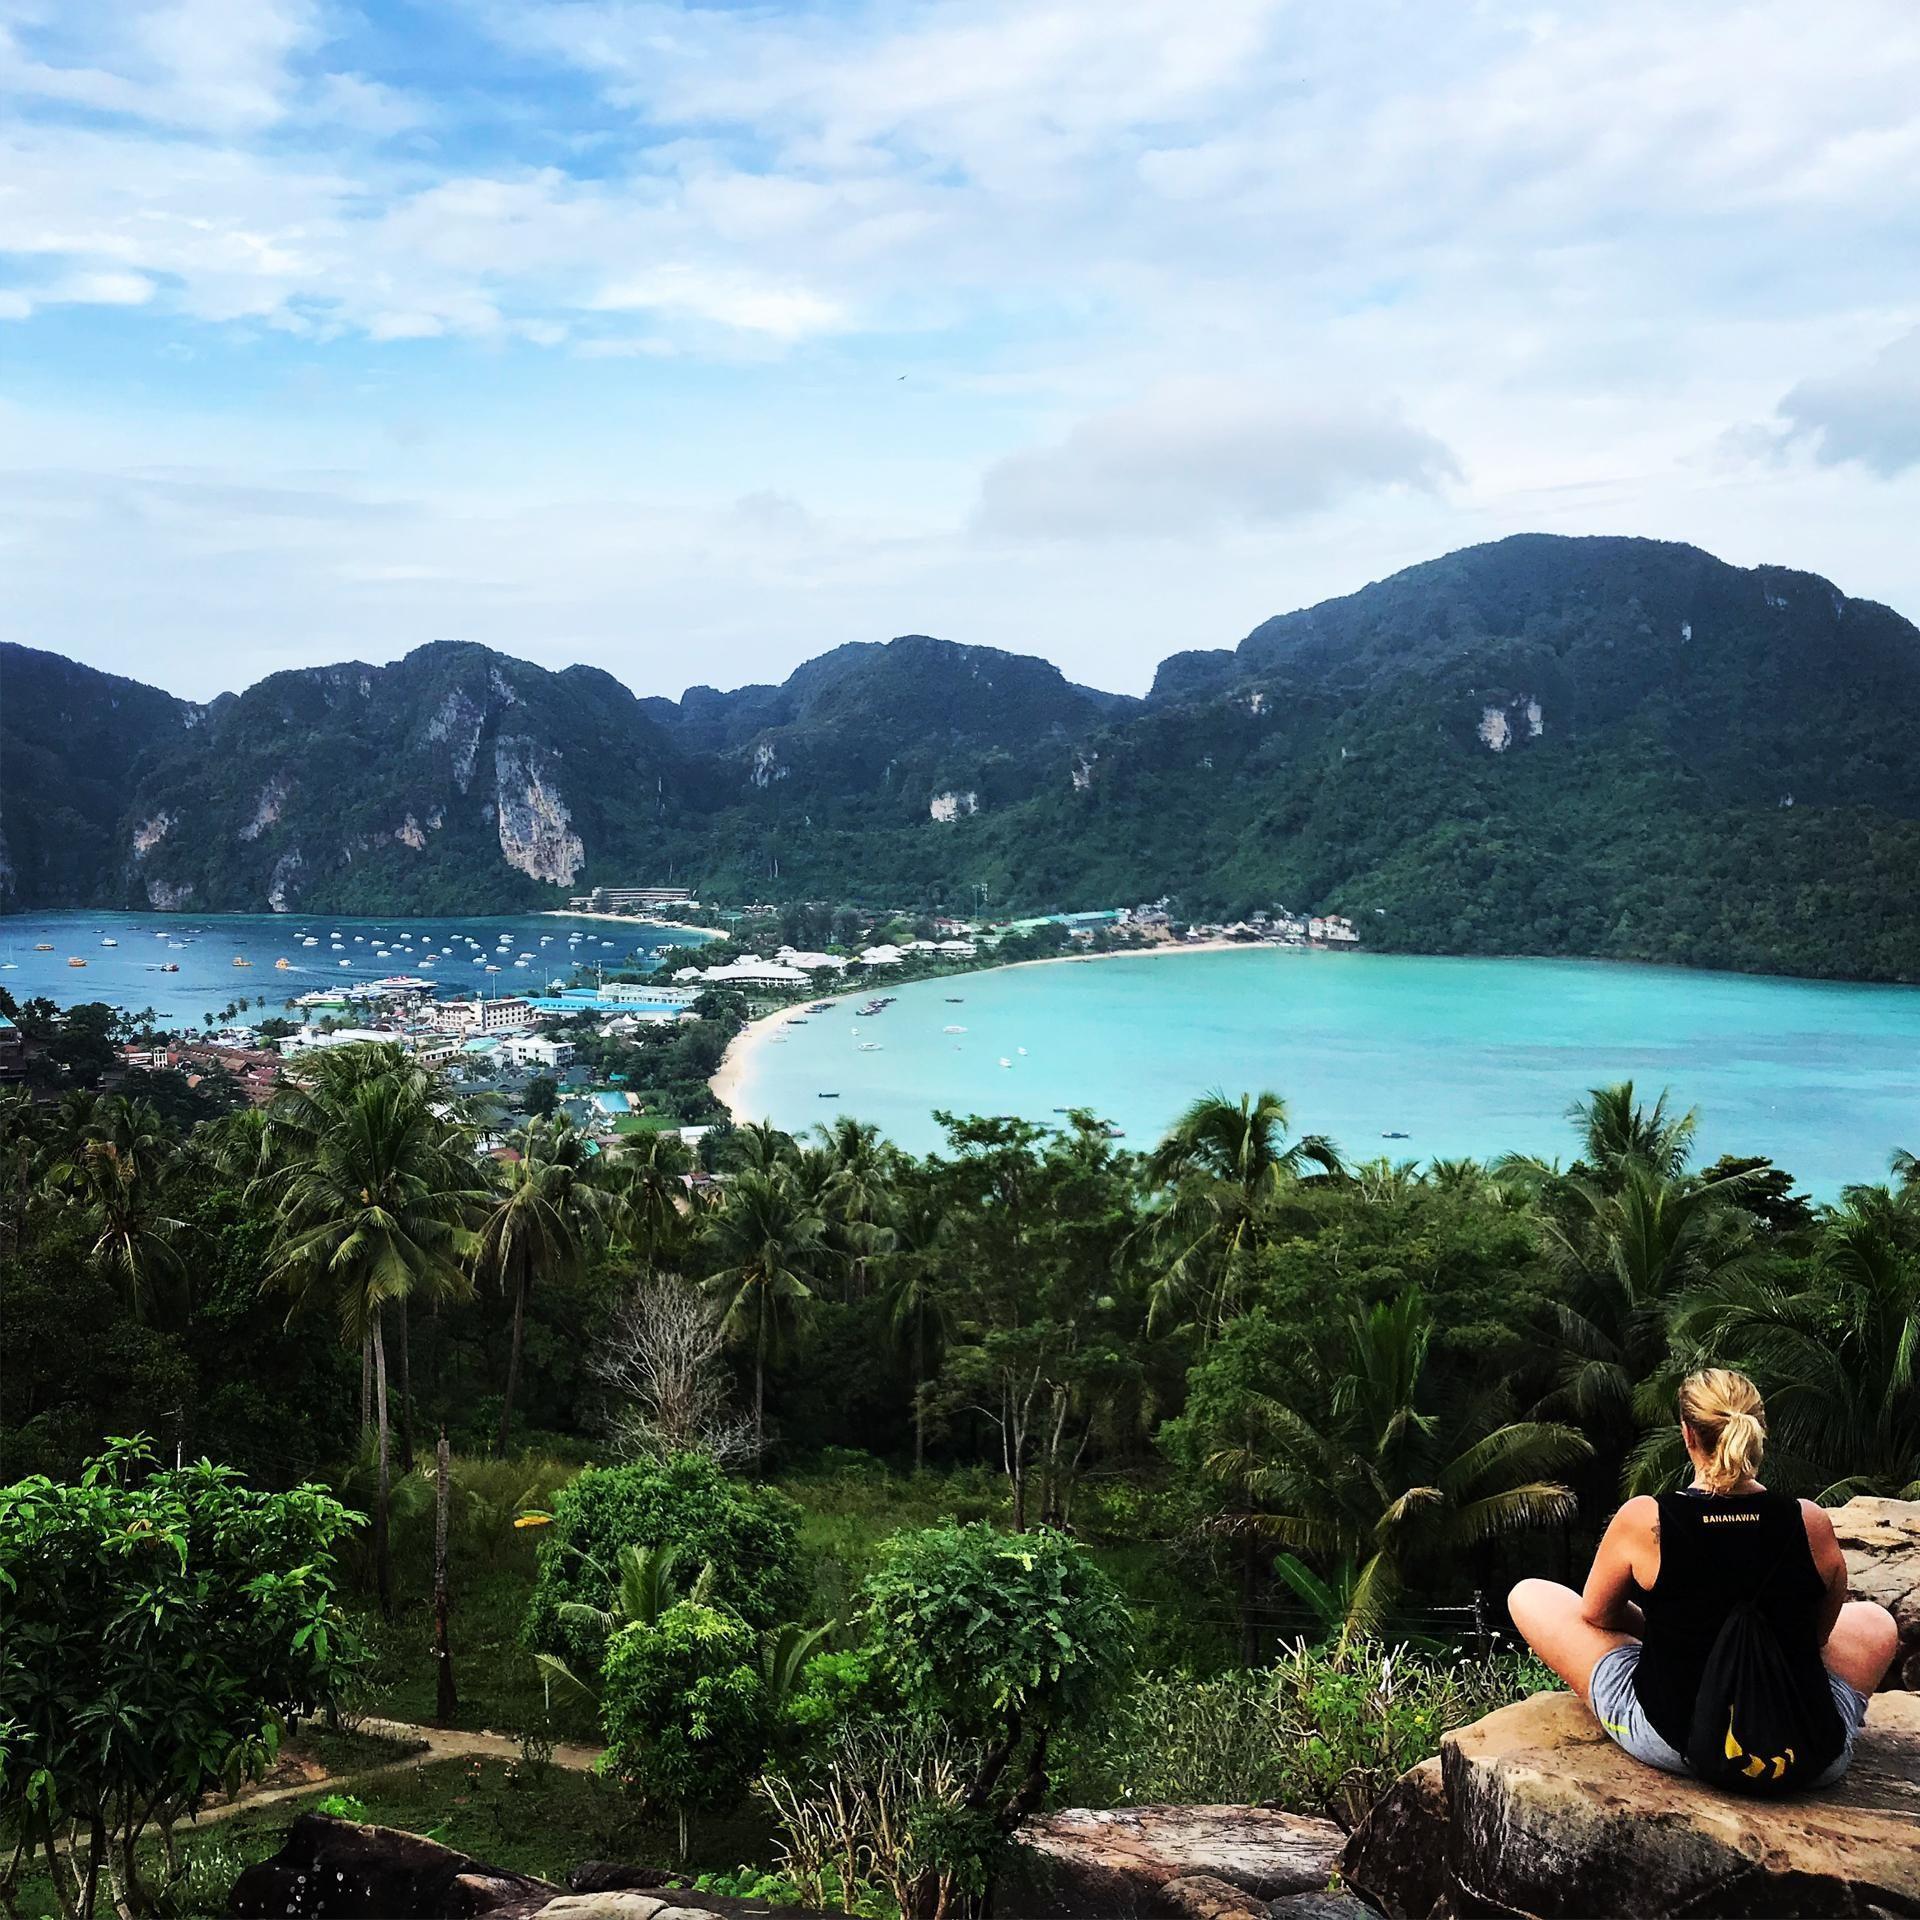 Razgledna točka na otoku Phi phi - vredno vsakega truda in kapljice švica. :)